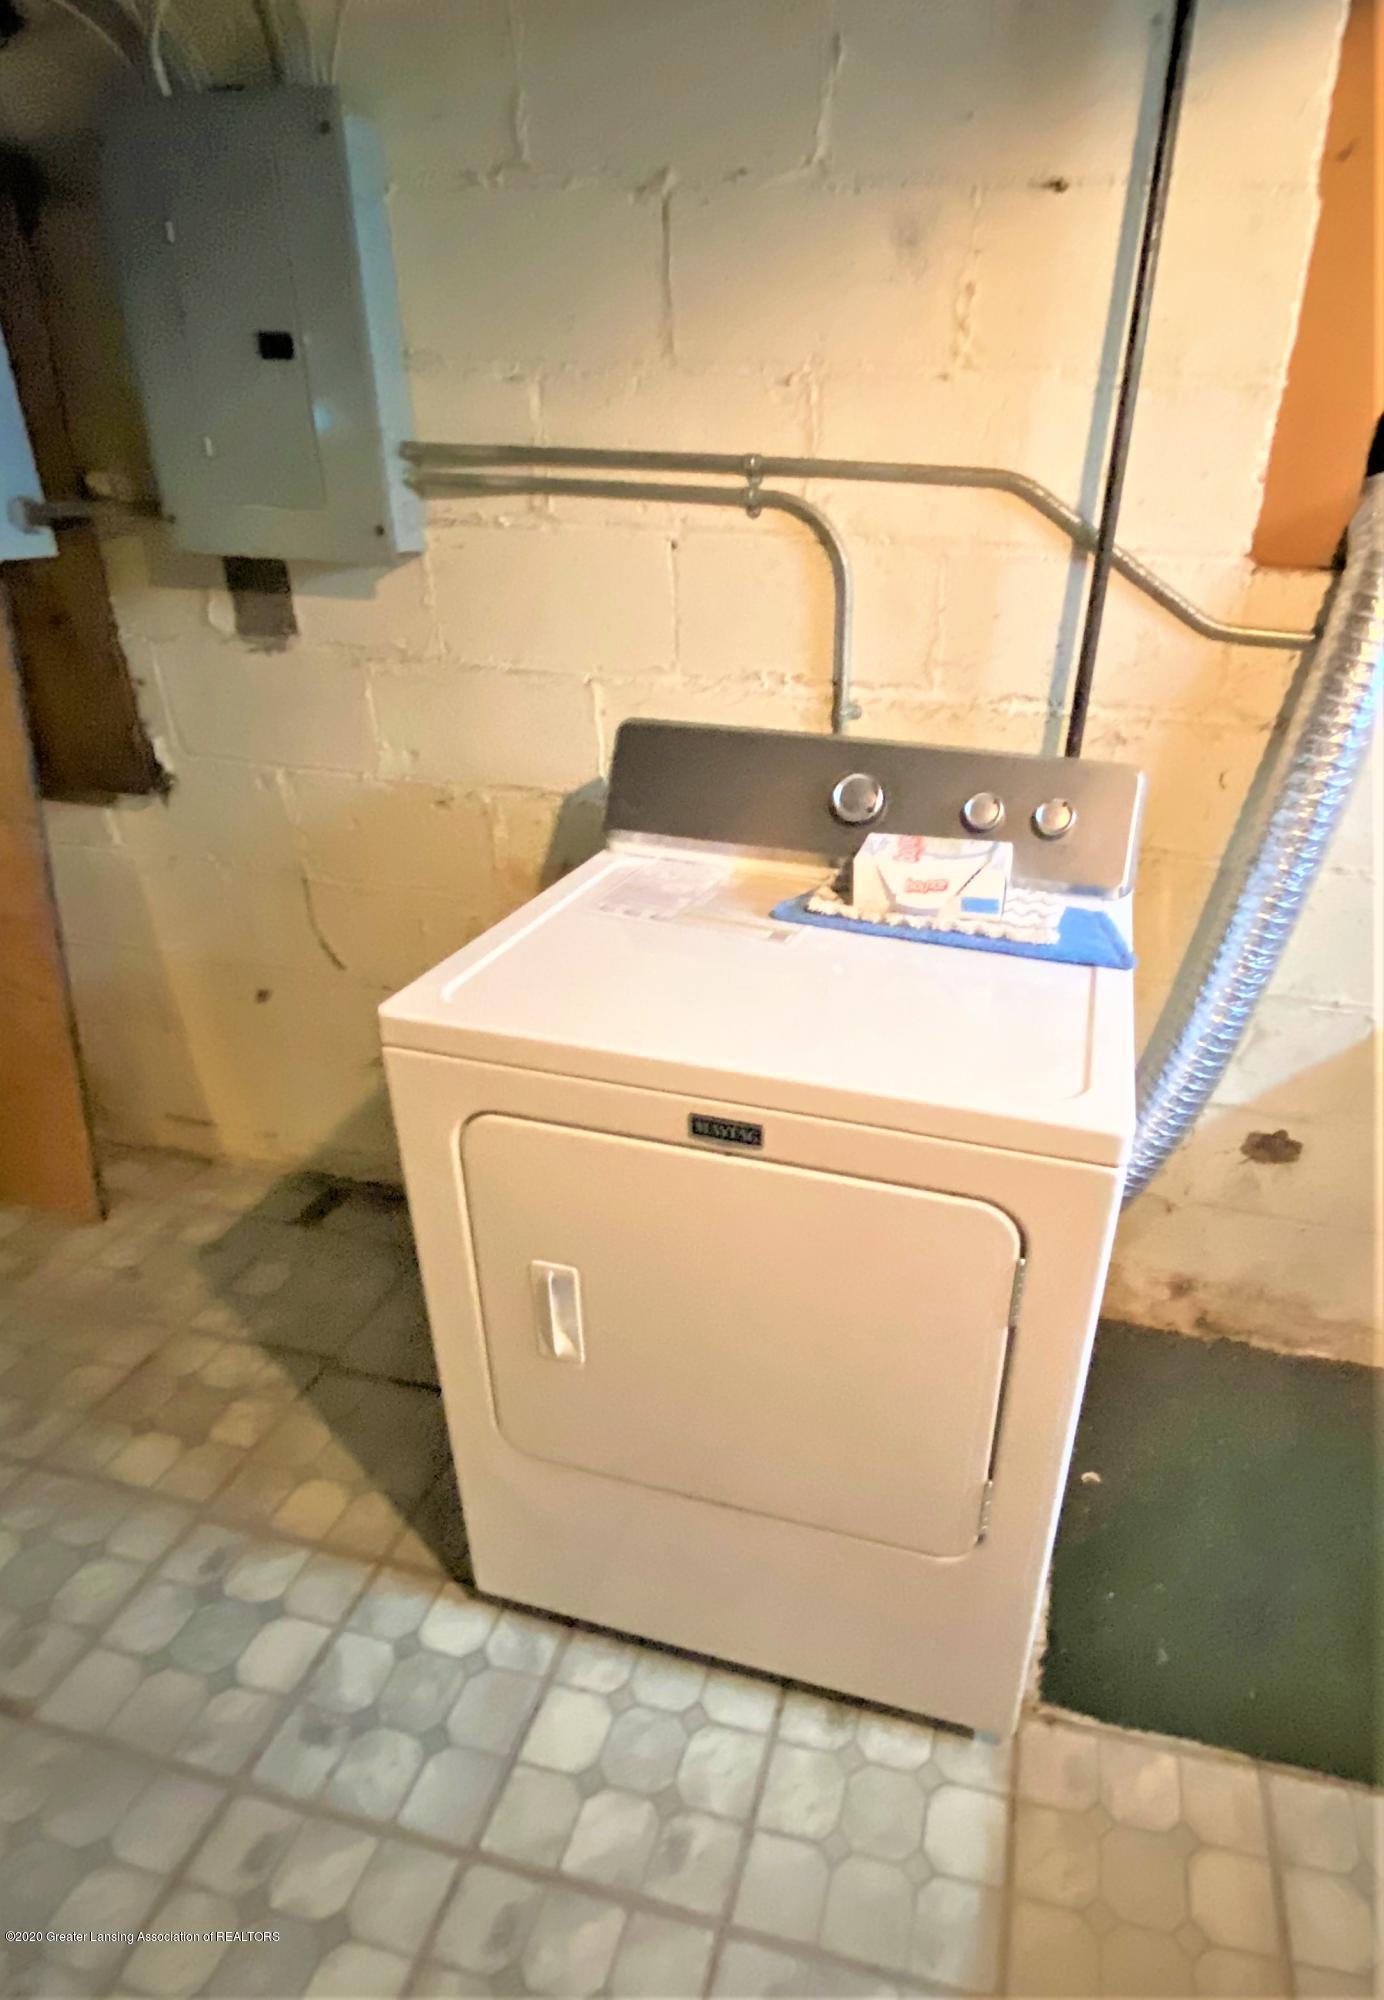 113 S Sheldon St - 40 Dryer - 41